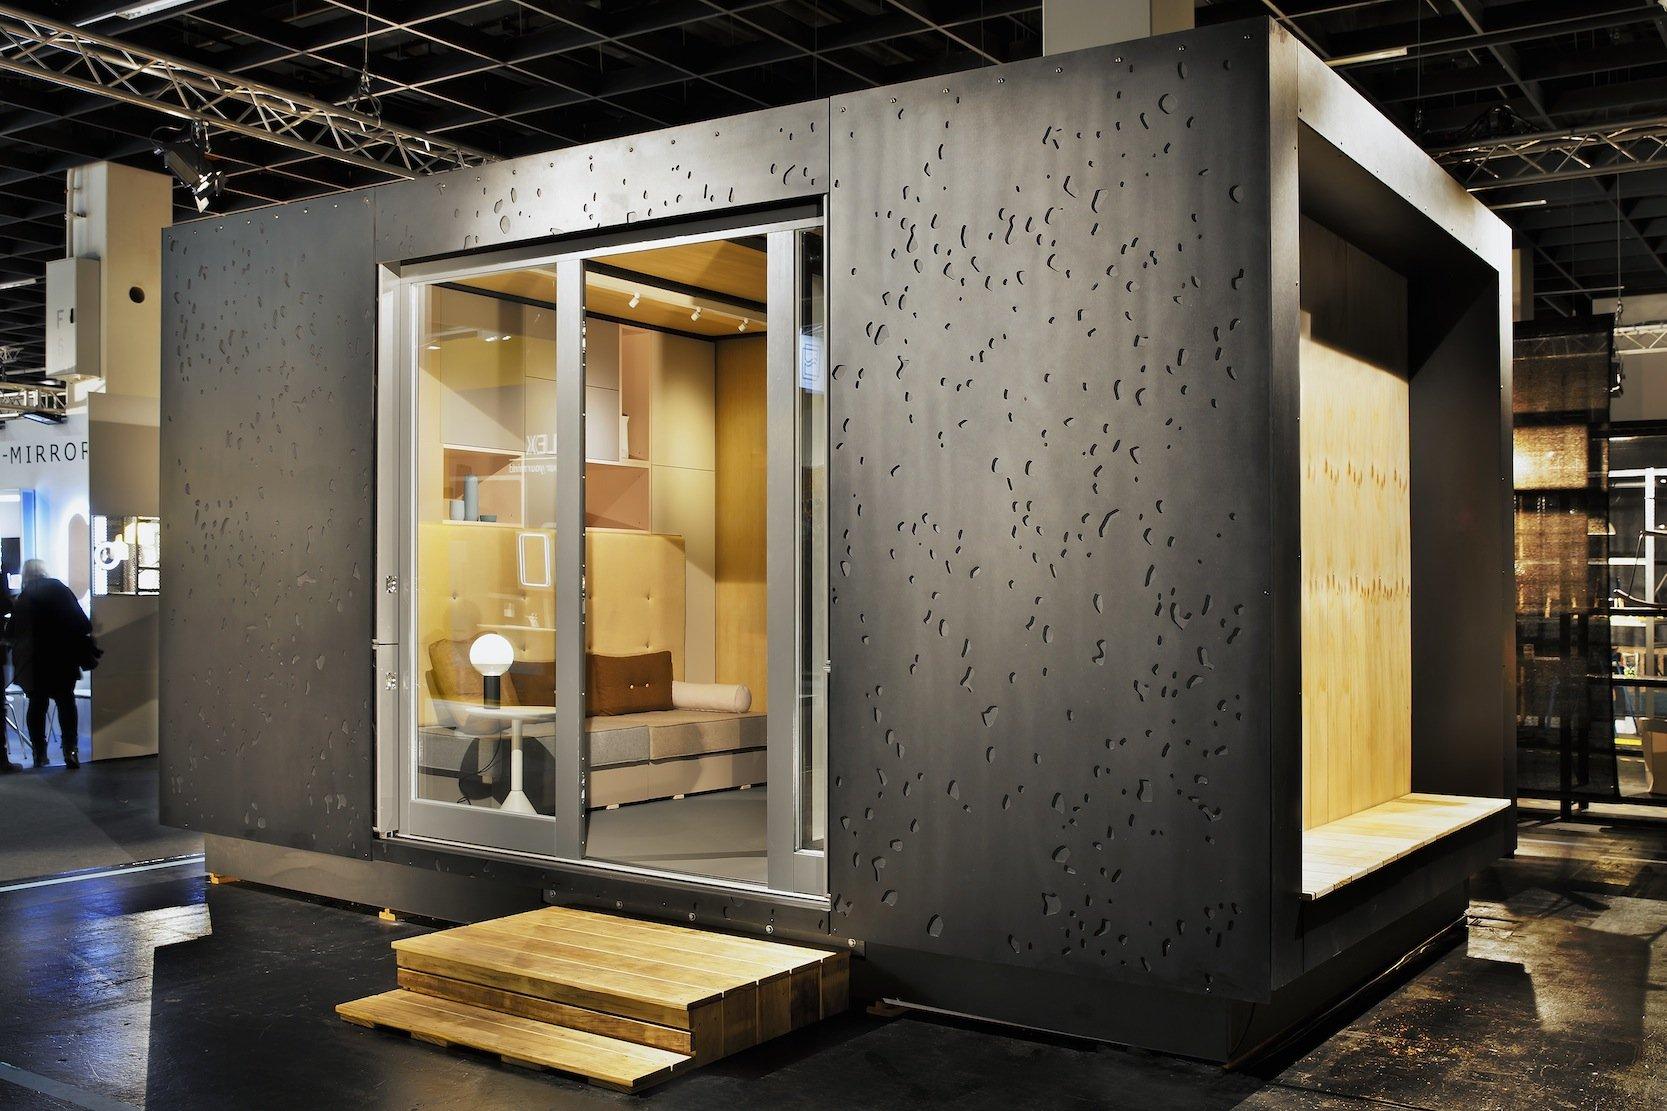 Leuchtender beton bis schrankhaus sieben tolle neuheiten for Badezimmer neuheiten 2016